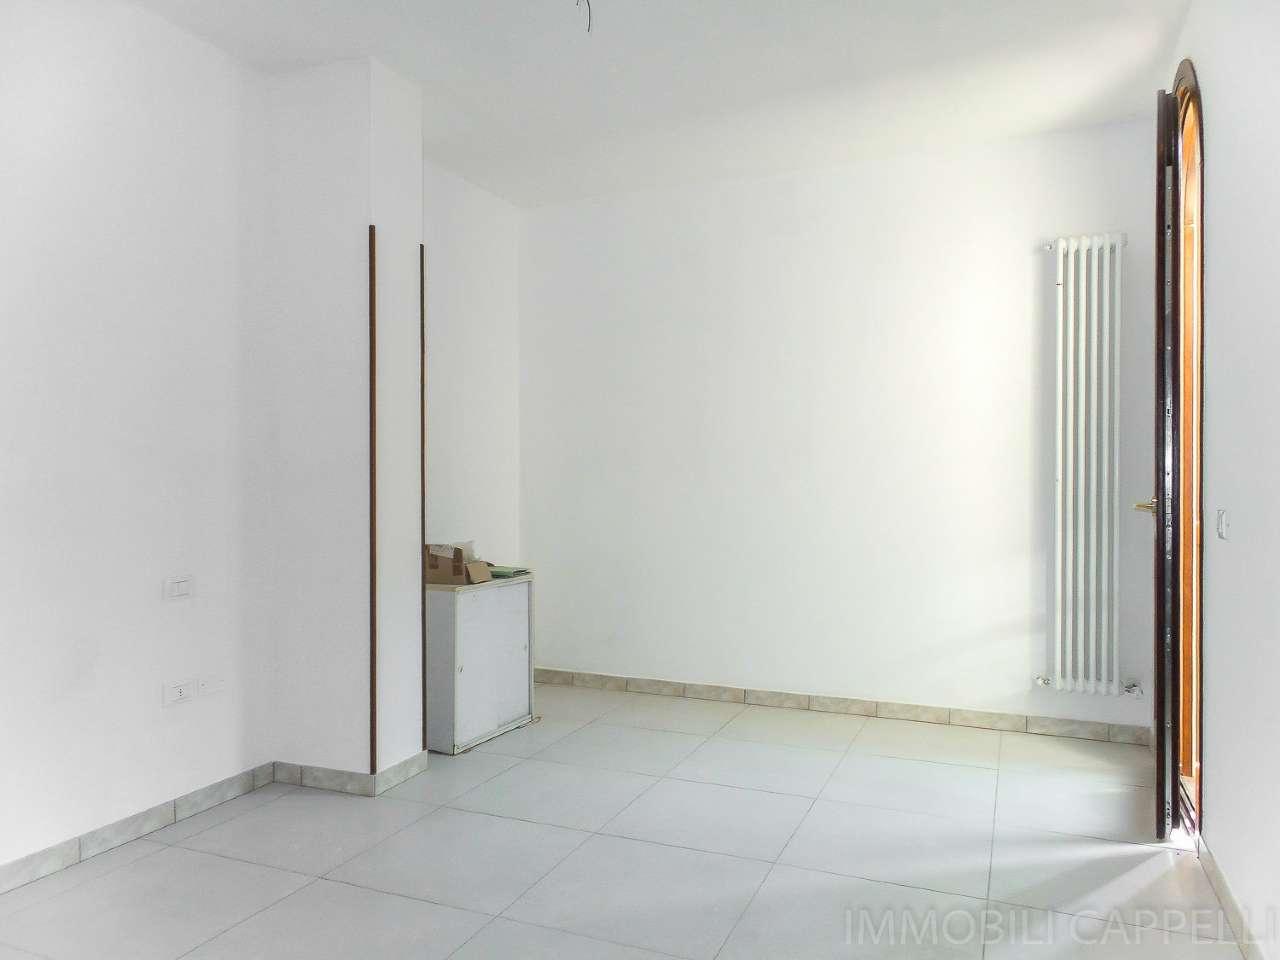 Forlimpopoli San Leonardo appartamento piano terra in vendita